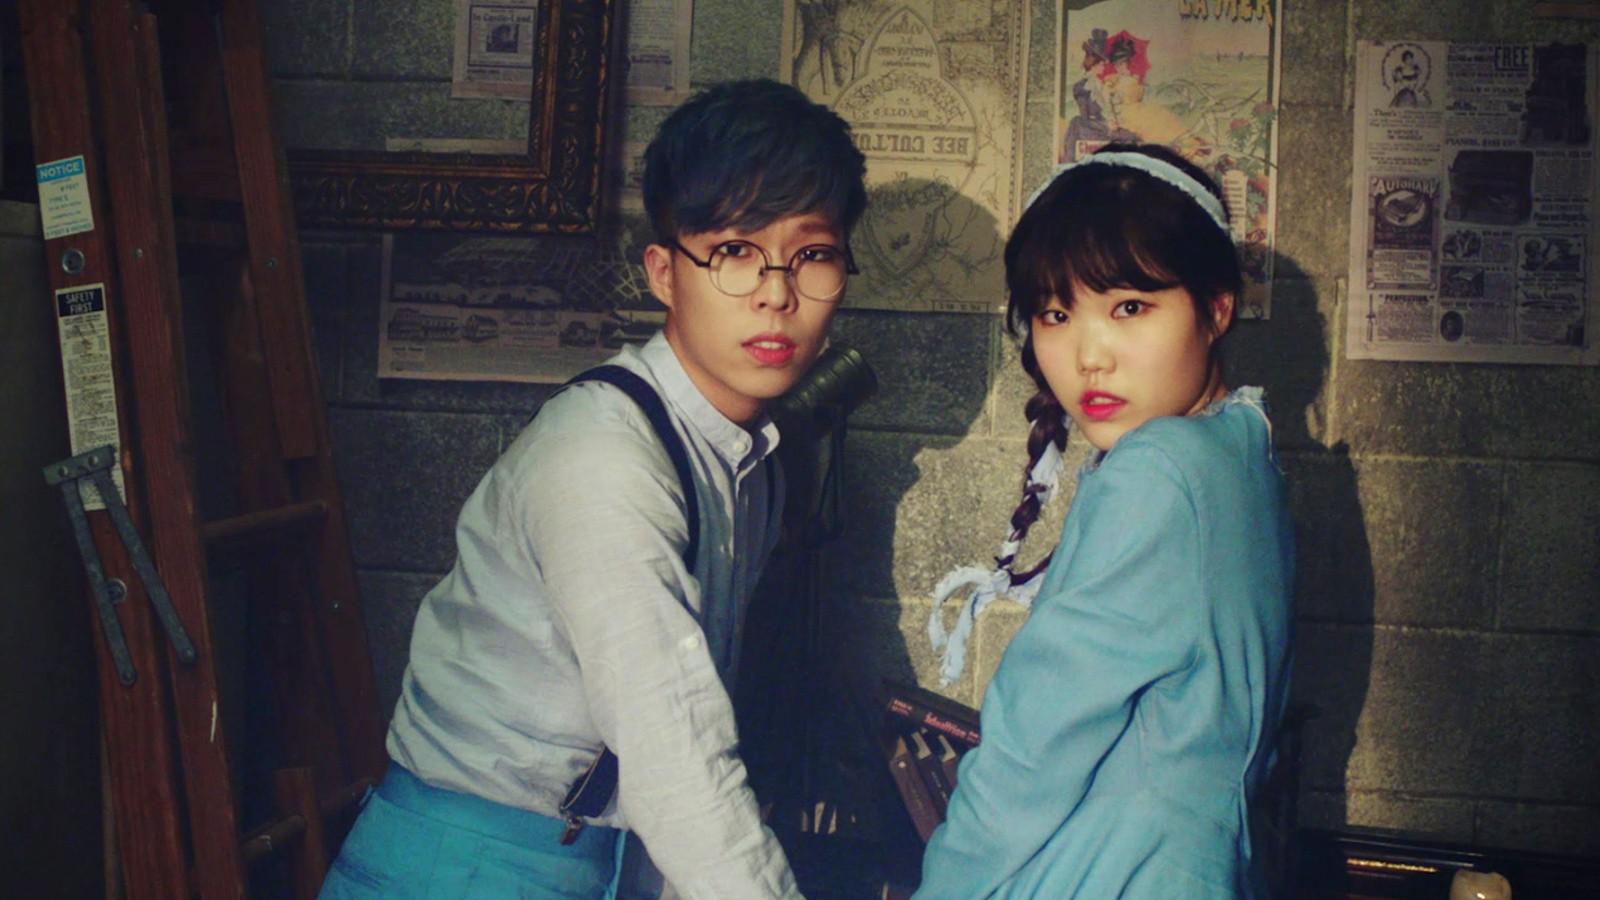 Ngoài CL và Lee Hi, YG còn hai châu báu này bị giấu trong hộp suốt 2 năm trời - Ảnh 1.